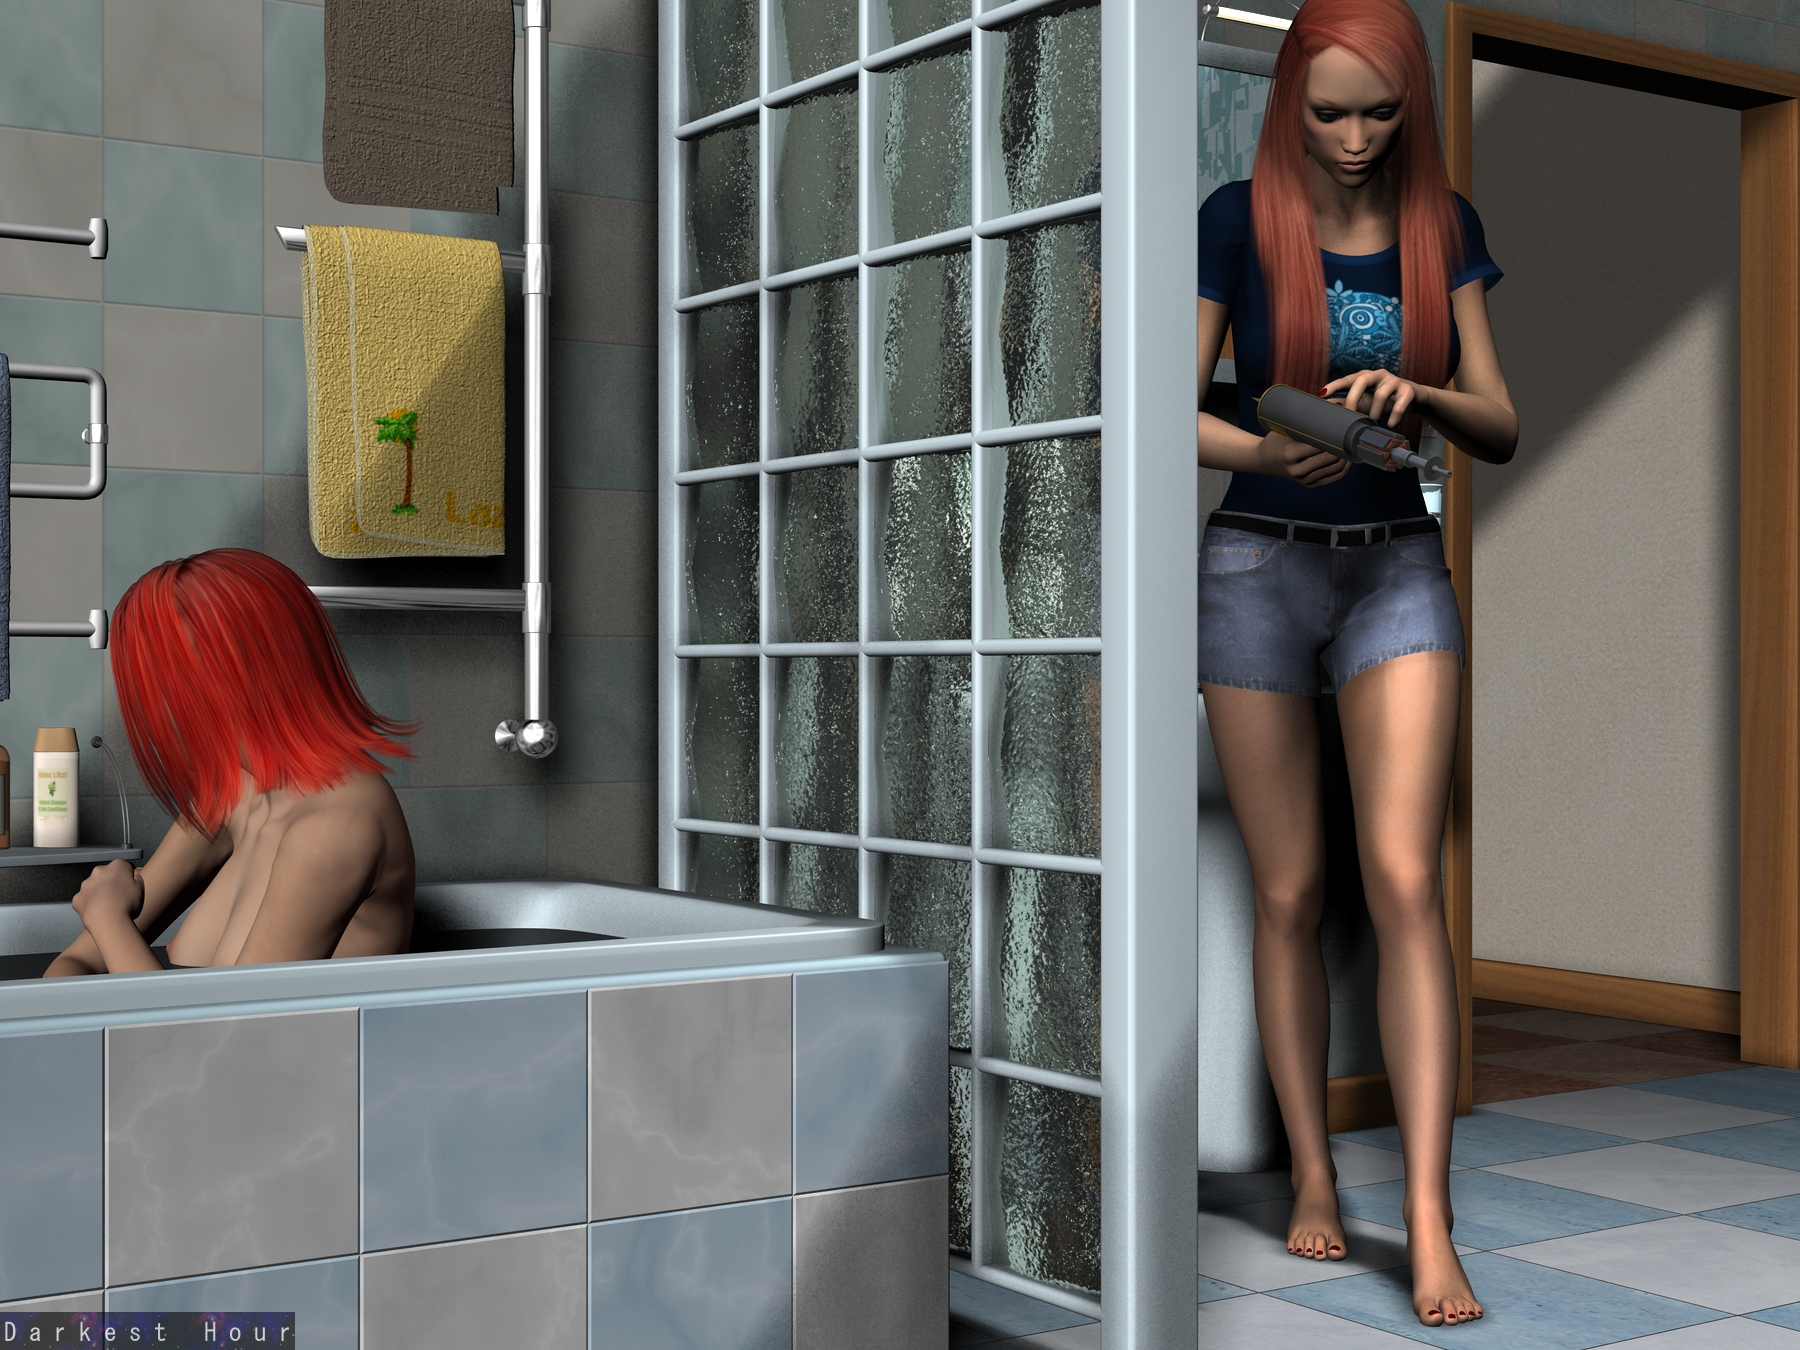 Bath Toy3 By Darkesthour55 On Deviantart